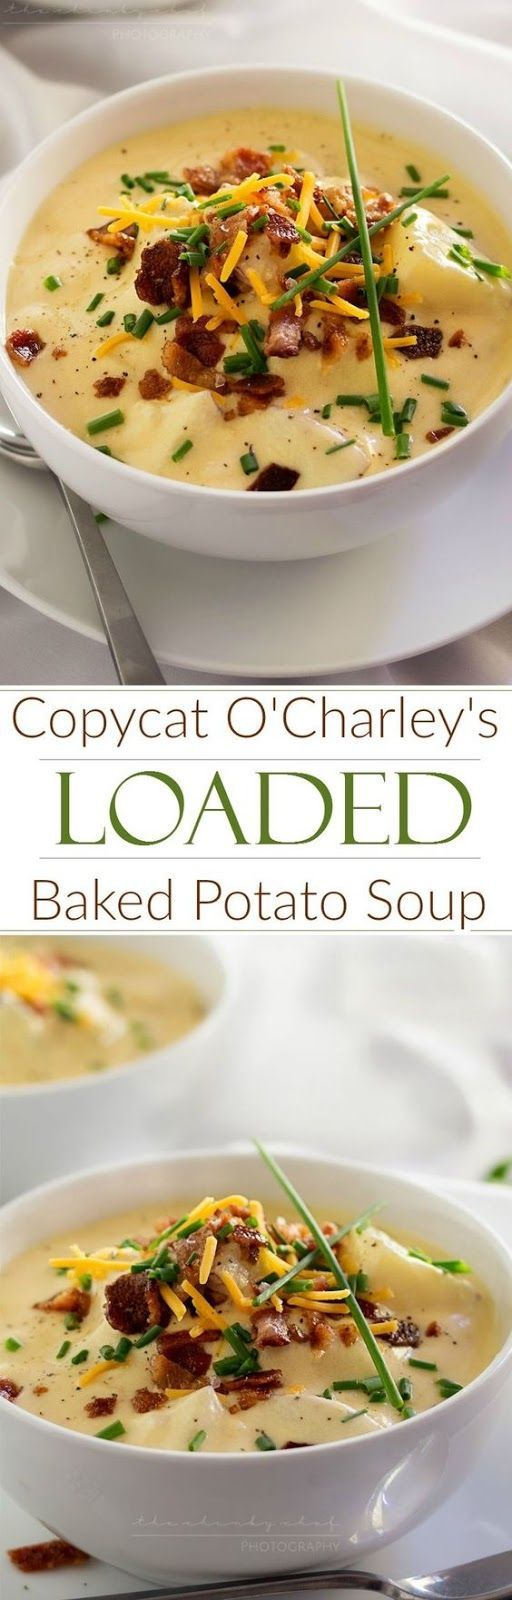 Copycat Loaded Baked Potato Soup: